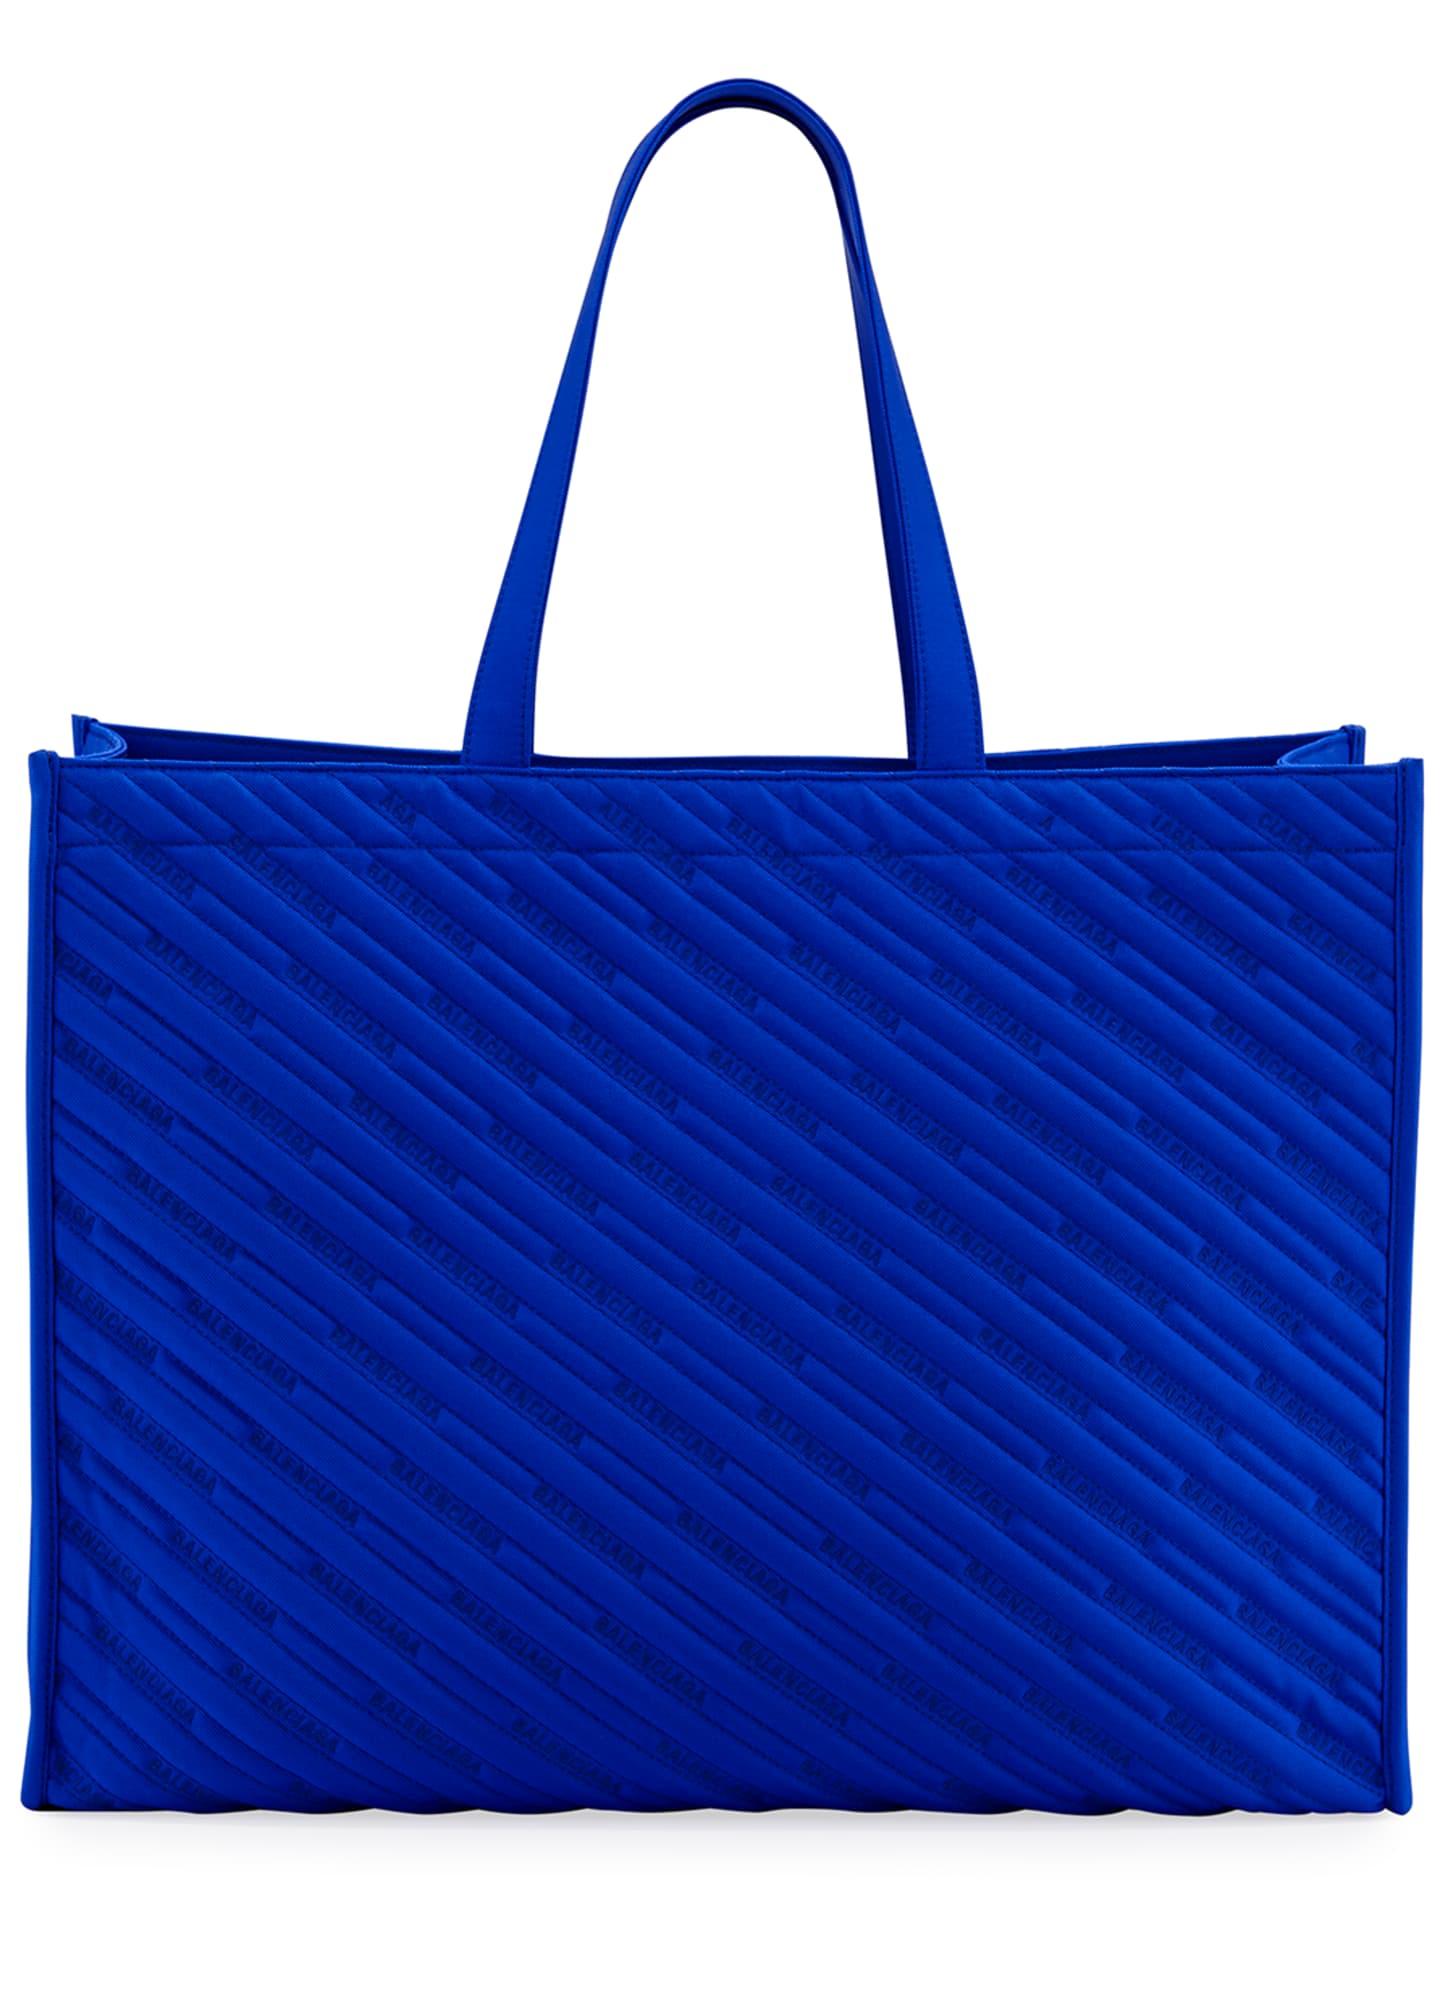 Balenciaga Men's Market Shopper Nylon Tote Bag